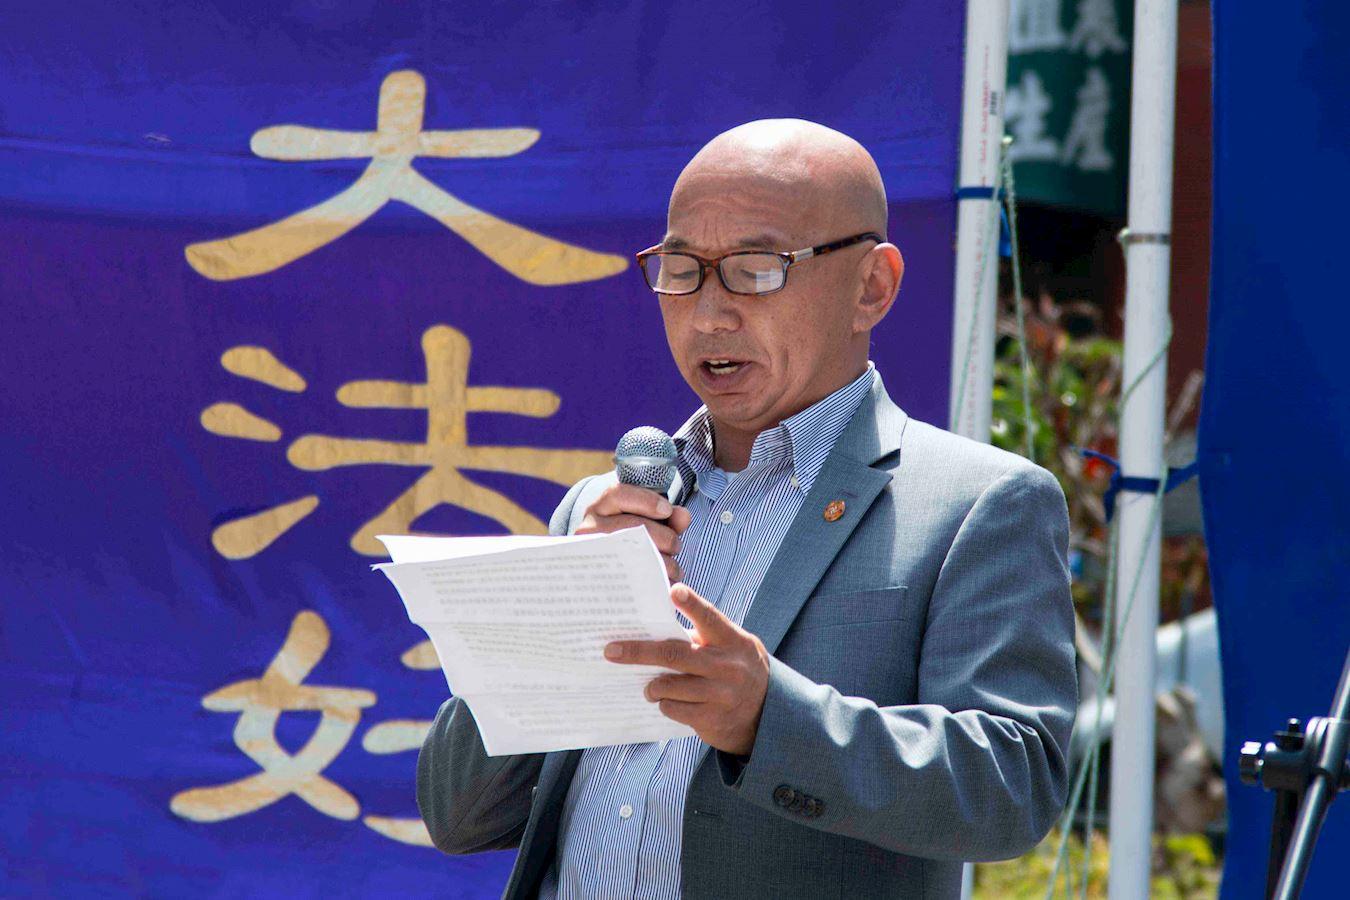 2019年7月20日,在美國三藩市灣區的中國城花園角廣場舉行的集會上,王建中發言揭露中共迫害。(明慧網)